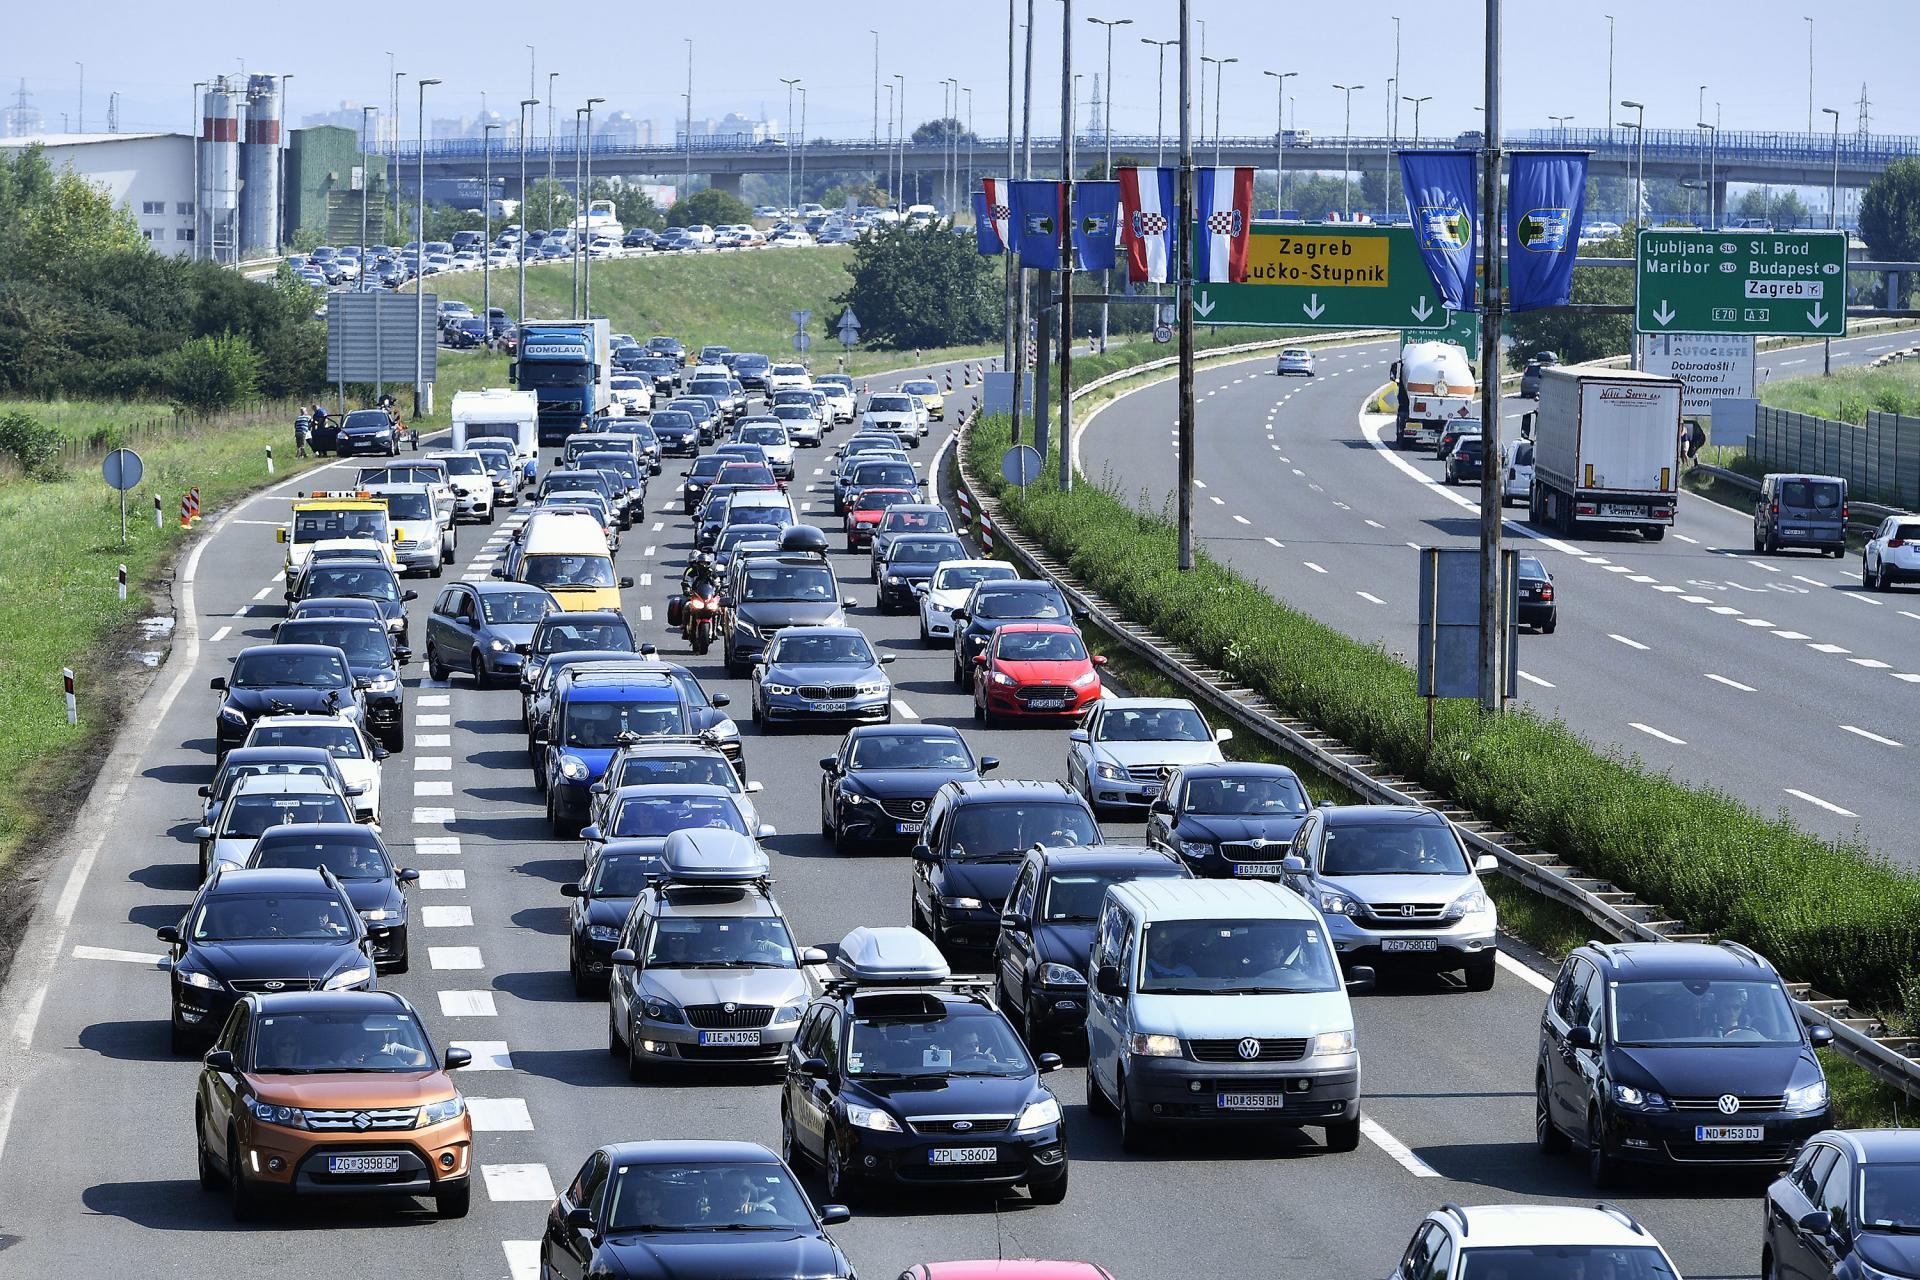 Slobodna Dalmacija Svi Automobili Na Europskim Cestama Uskoro Ce Se Morati Opremiti Dodatnom Sigurnosnom Opremom Evo I Kojom